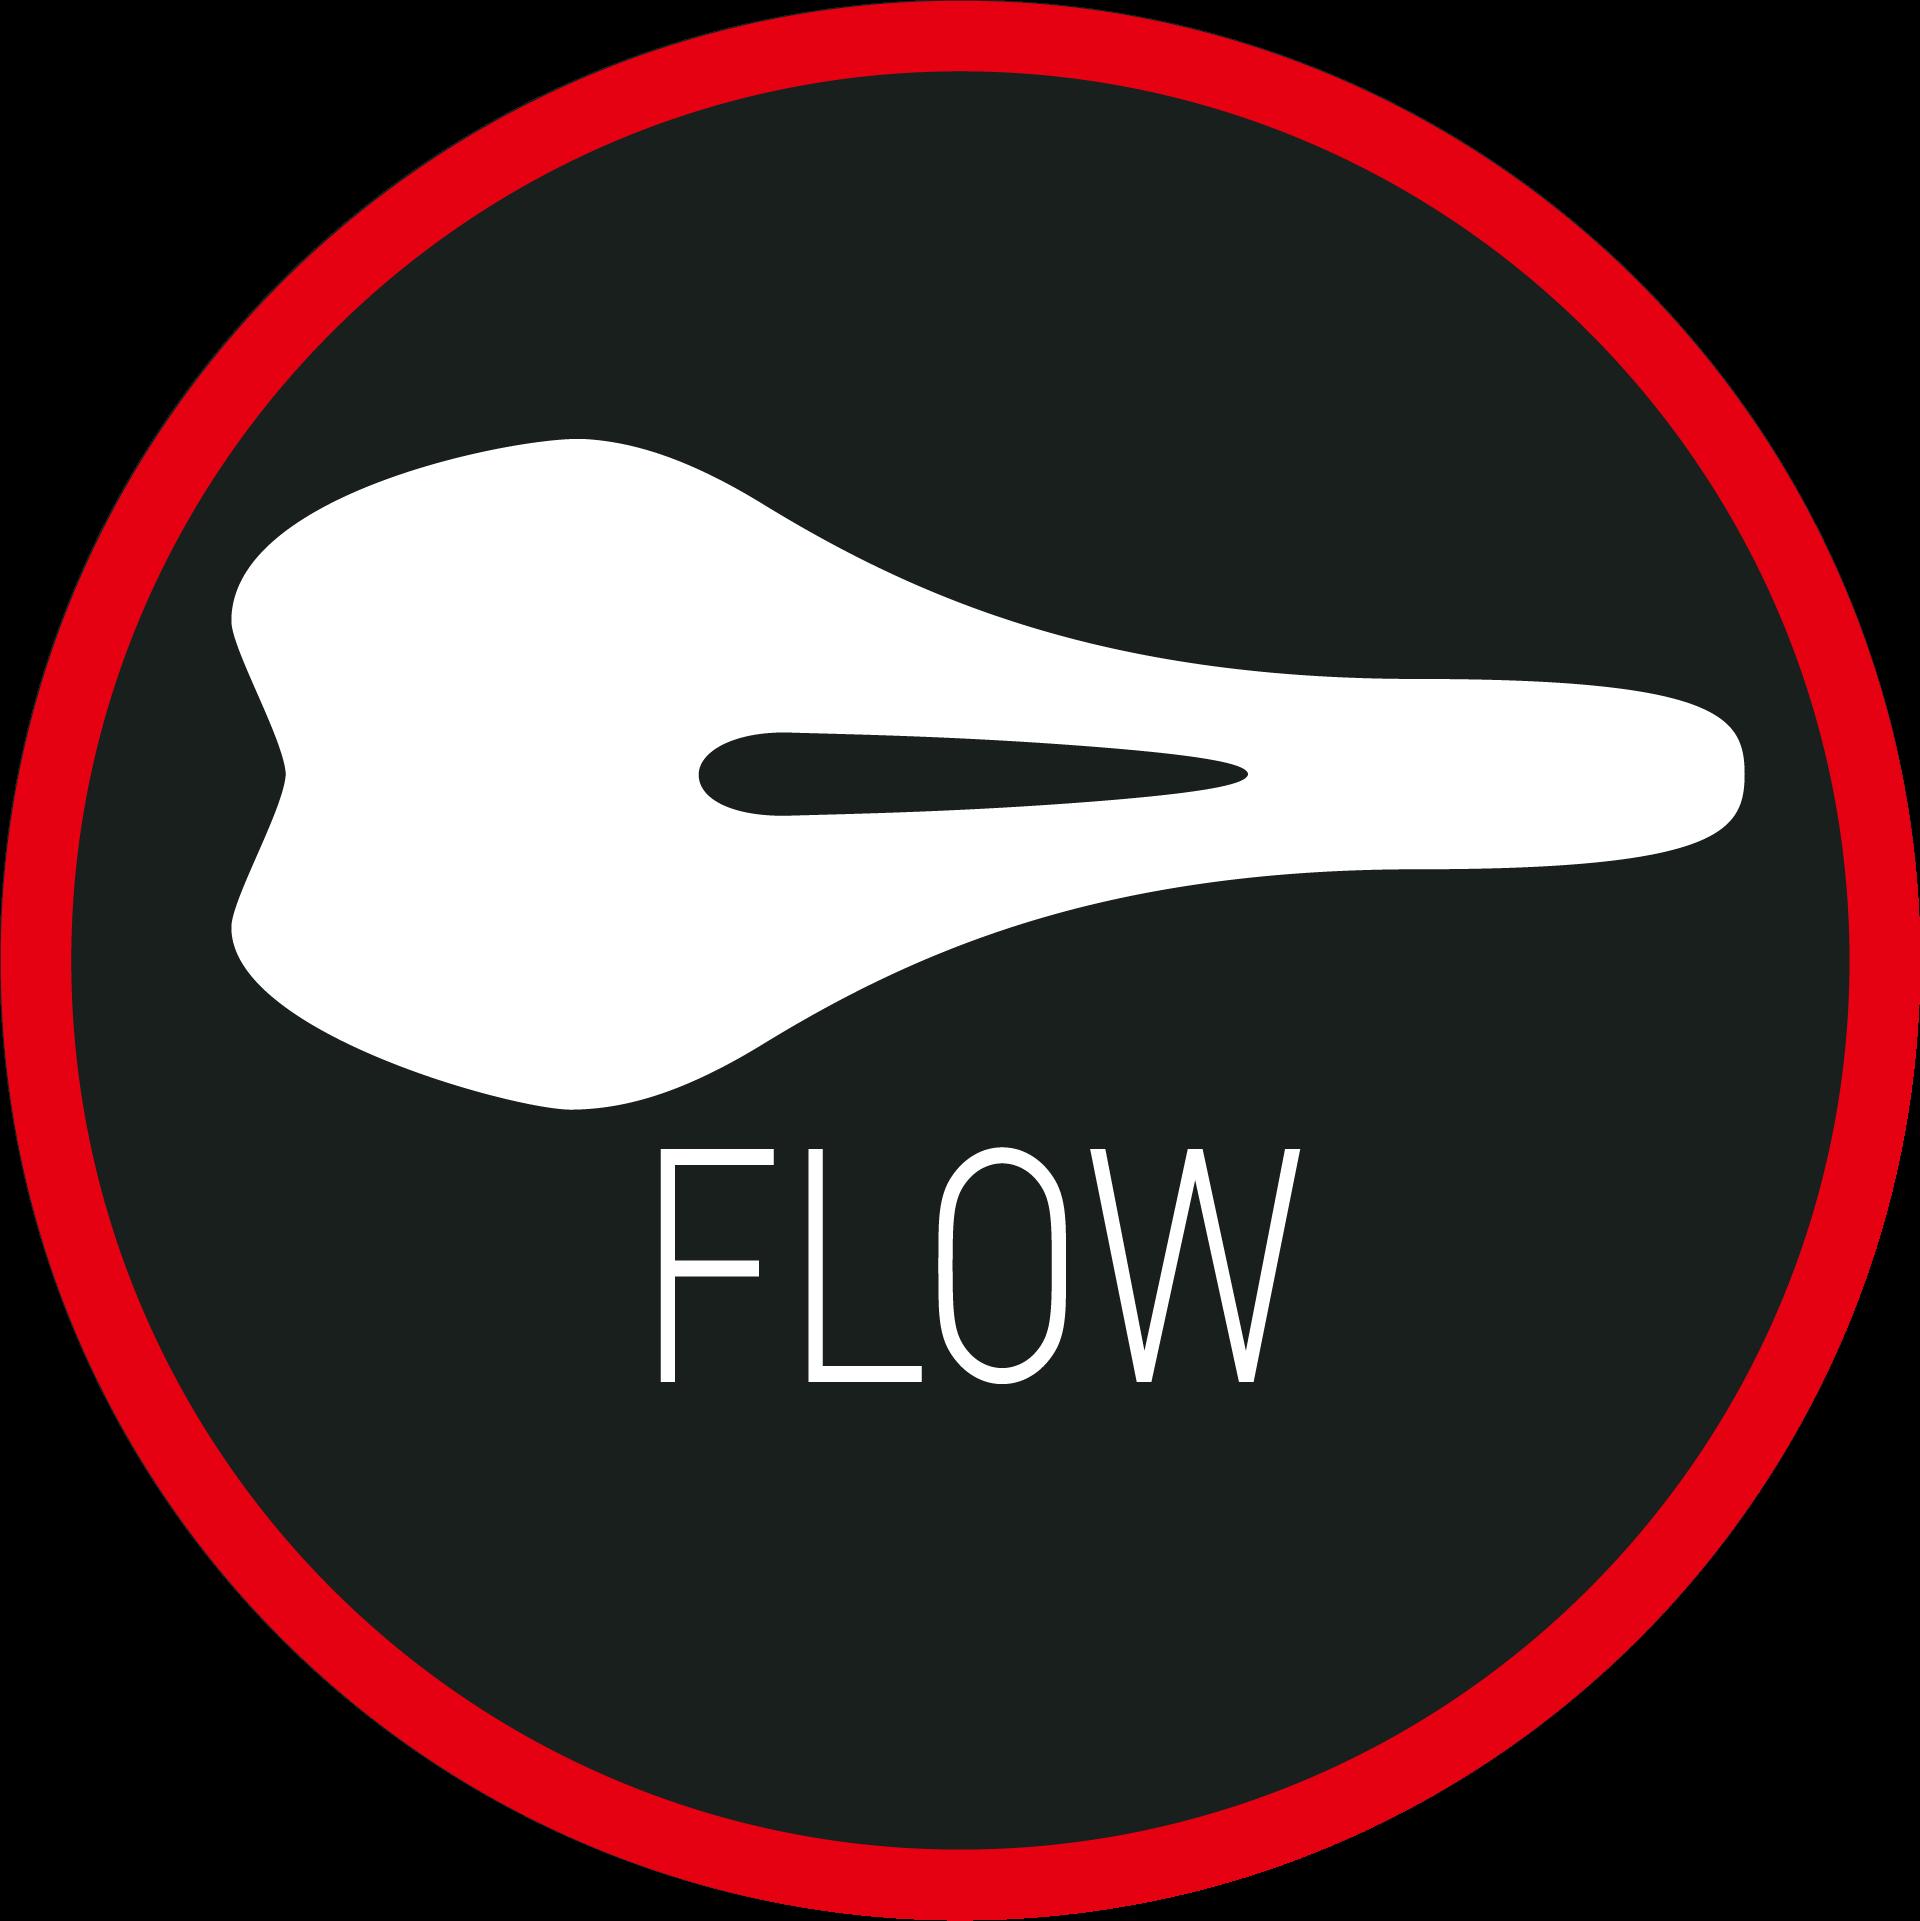 Selle-Italia-02-icon-flow